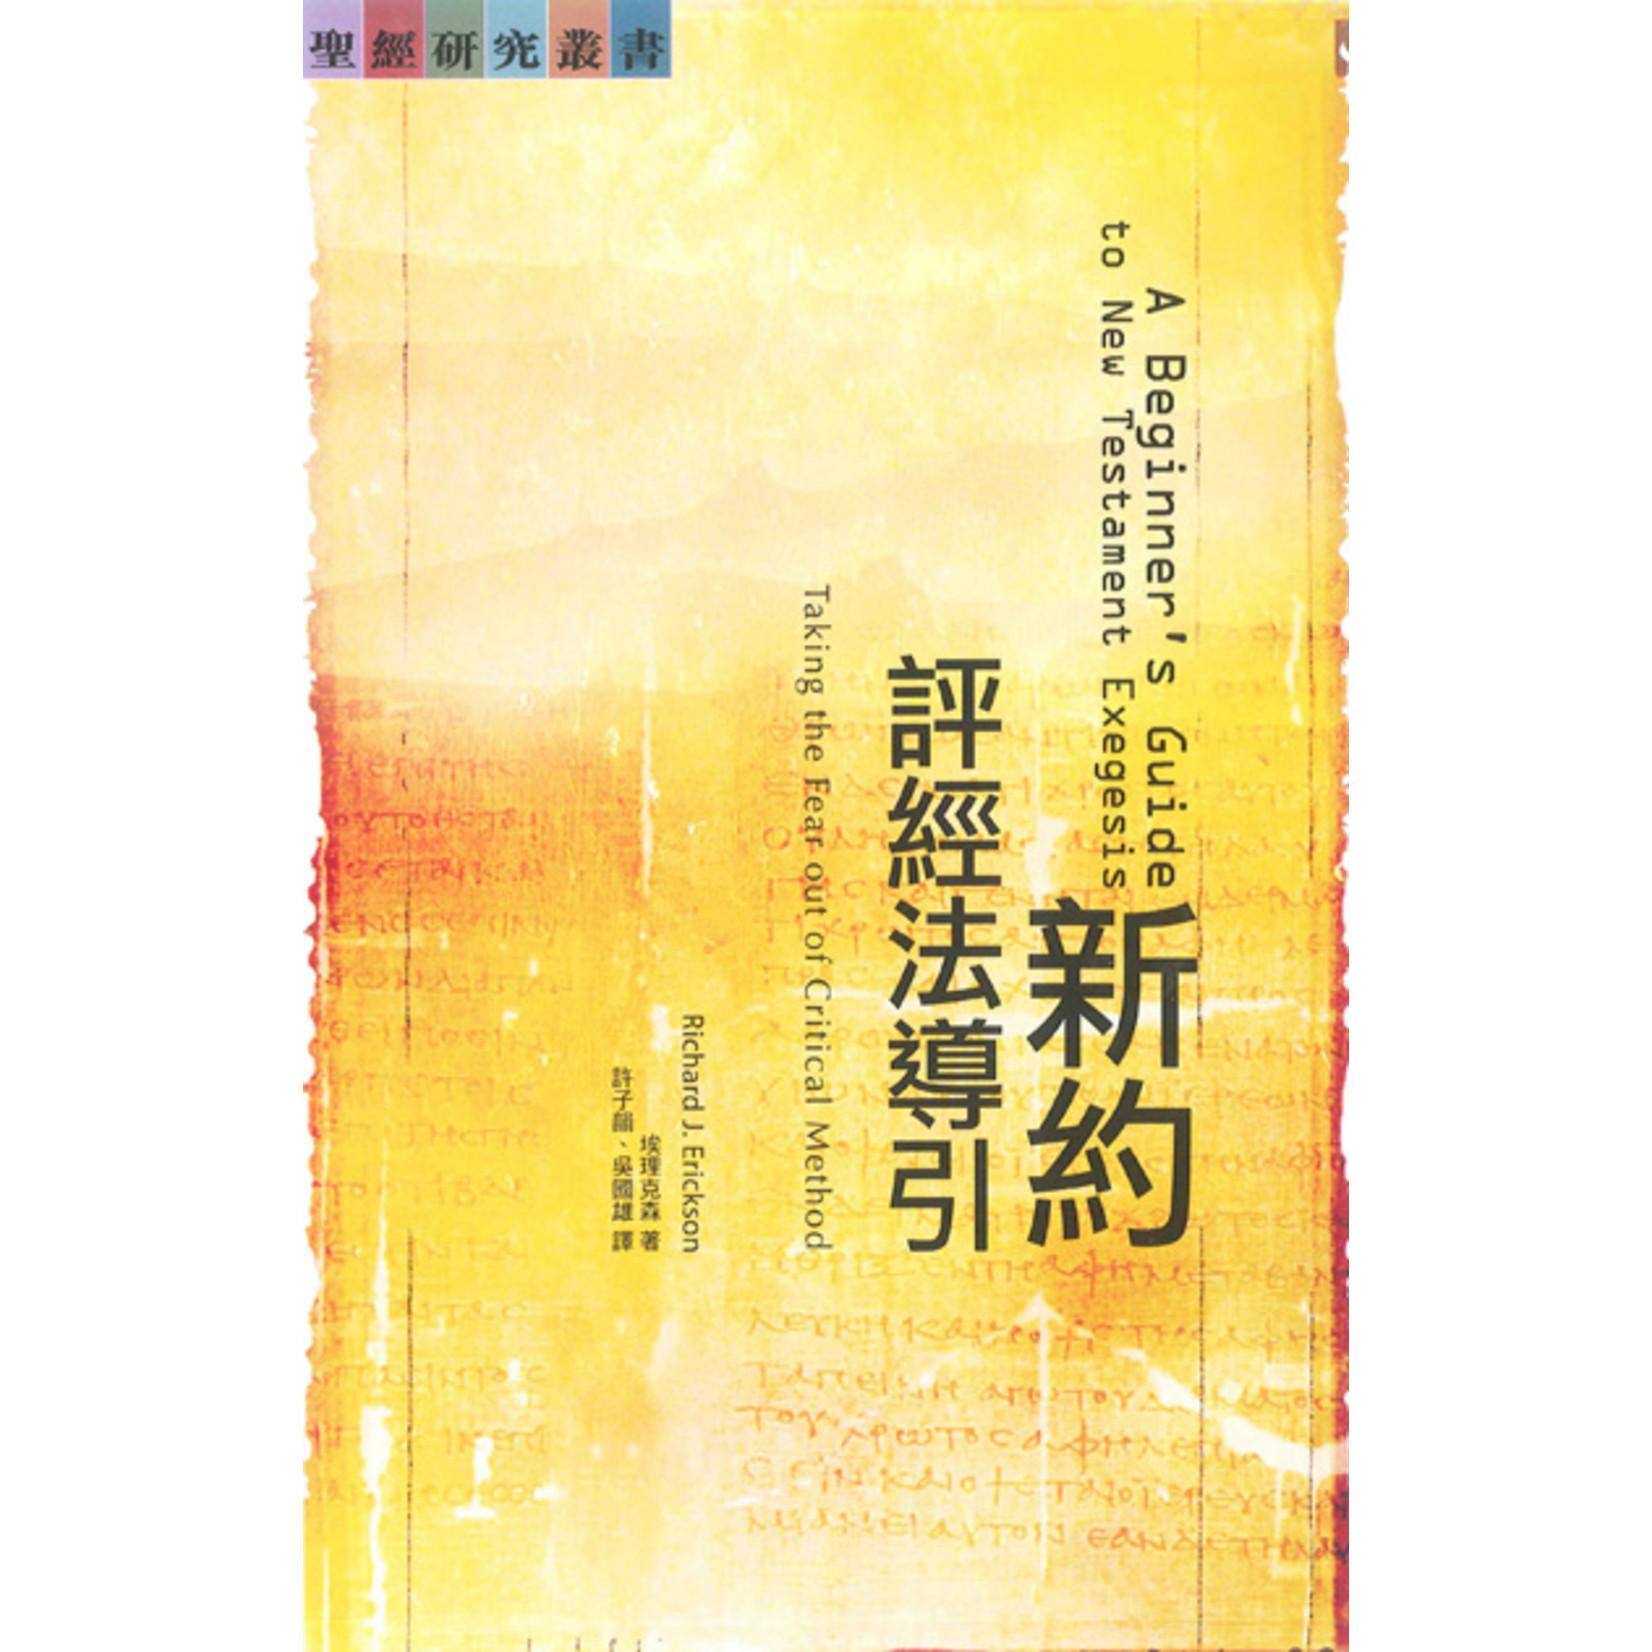 基道 Logos Book House 新約評經法導引 A Beginner's Guide to New Testament Exegesis:Taking the Fear Out of Critical Method